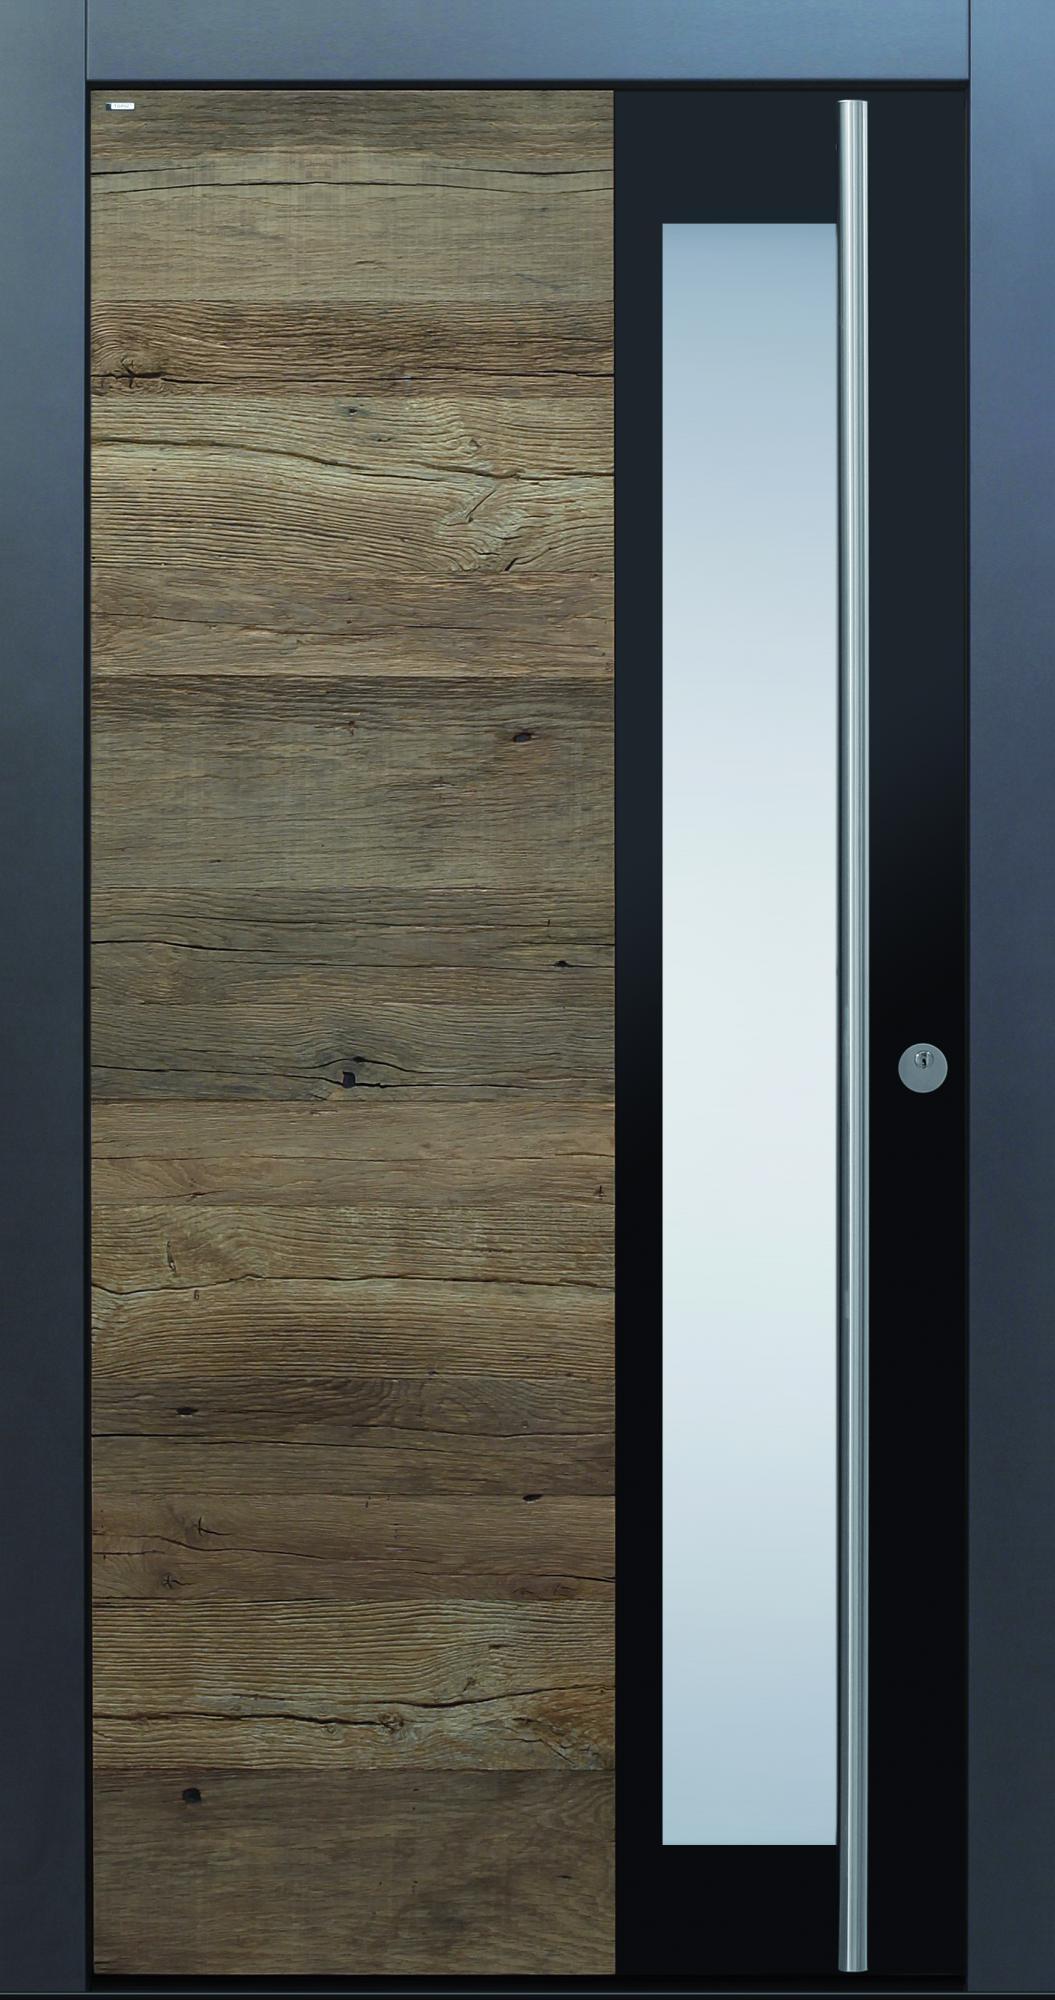 waschbeton streichen waschbetonplatten streichen womit wie macht man das waschbeton farbig. Black Bedroom Furniture Sets. Home Design Ideas